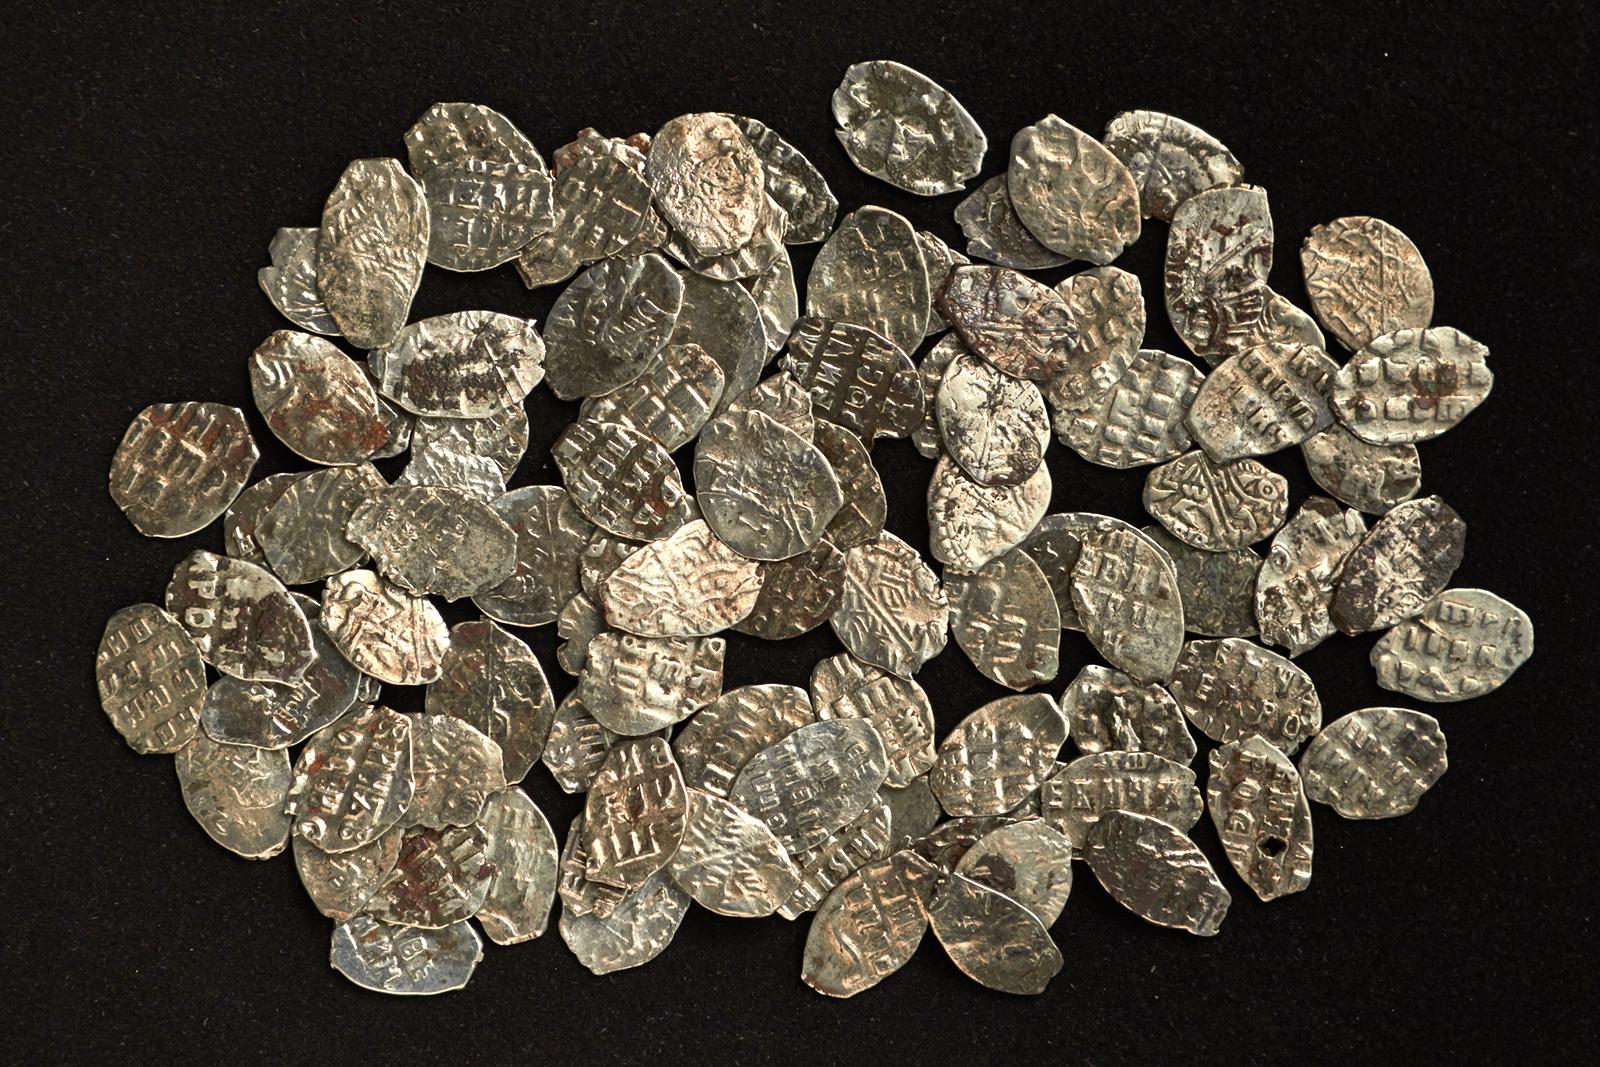 В москве нашли клад времен петра i - часть зарплаты дворянин.